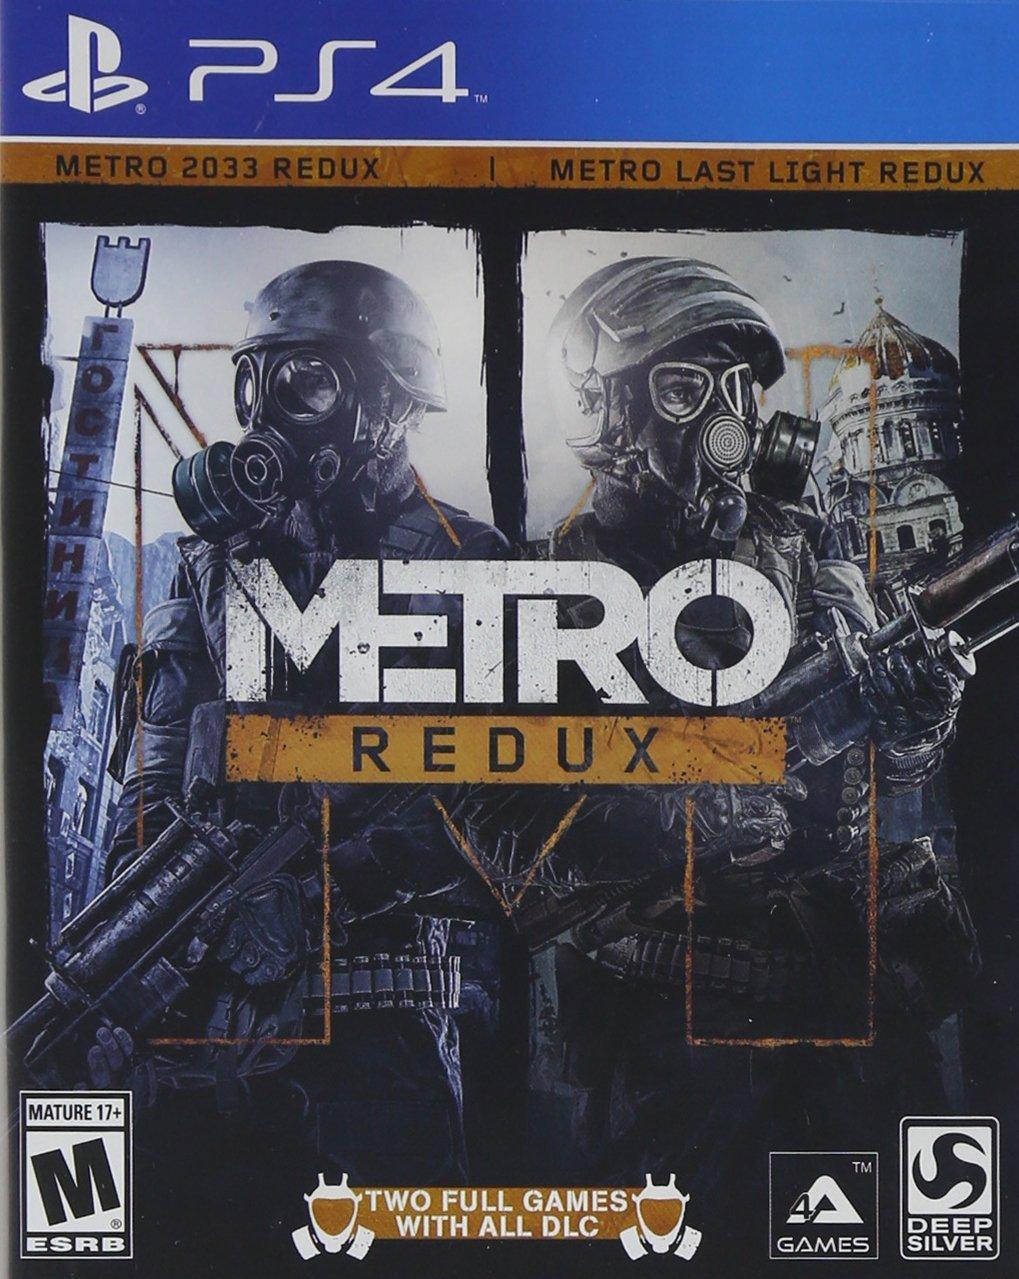 Amazon MX: Metro Redux PS4